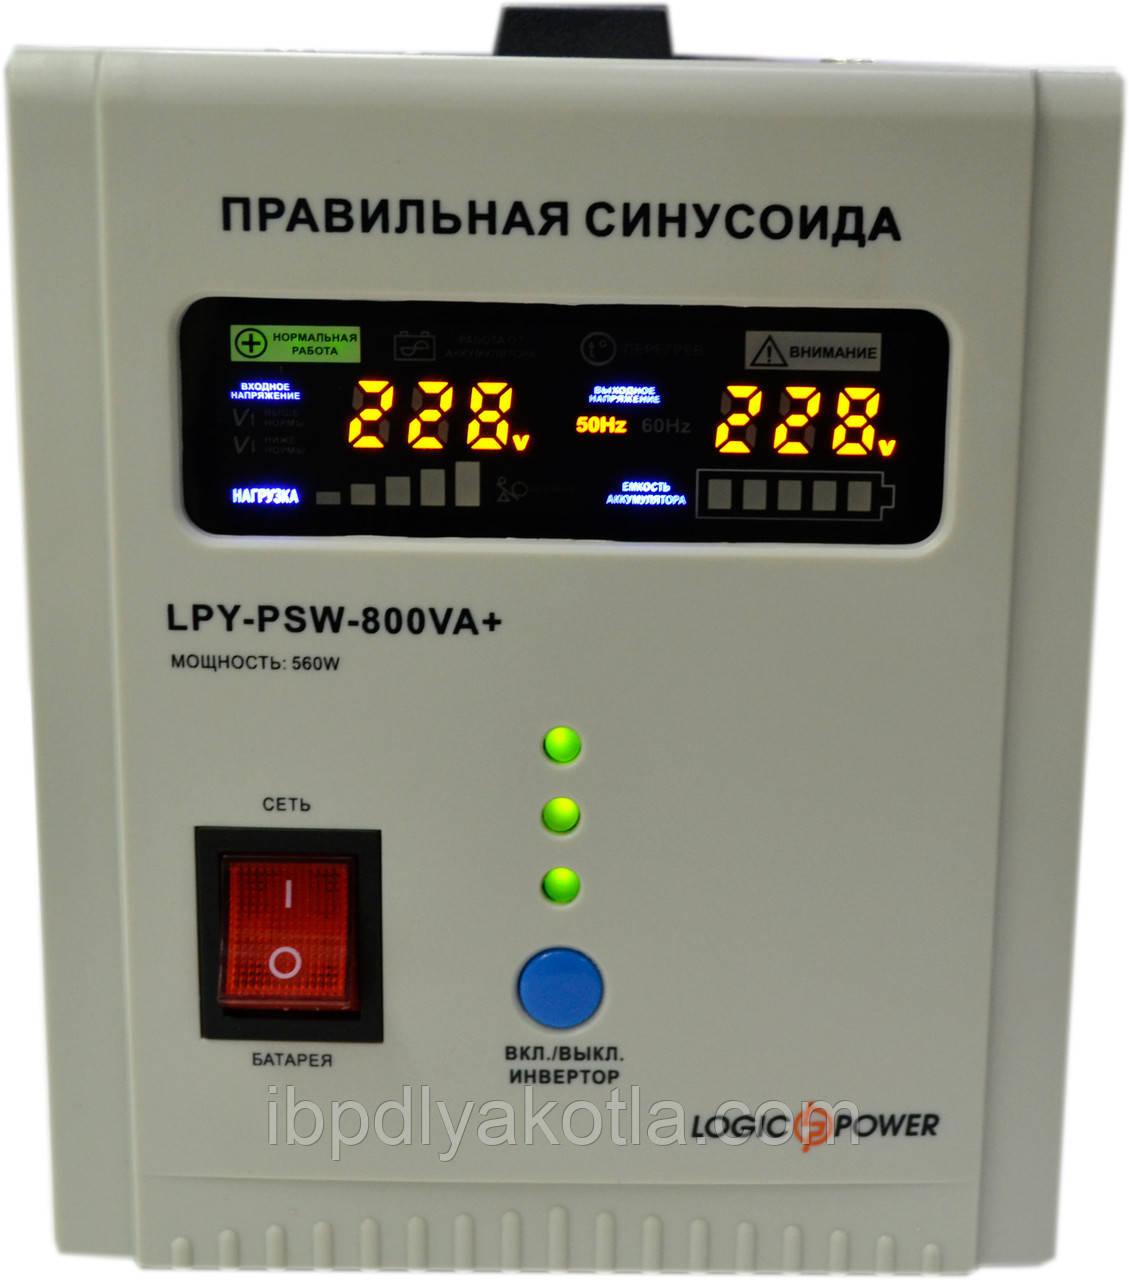 Logicpower LPY-PSW-800+